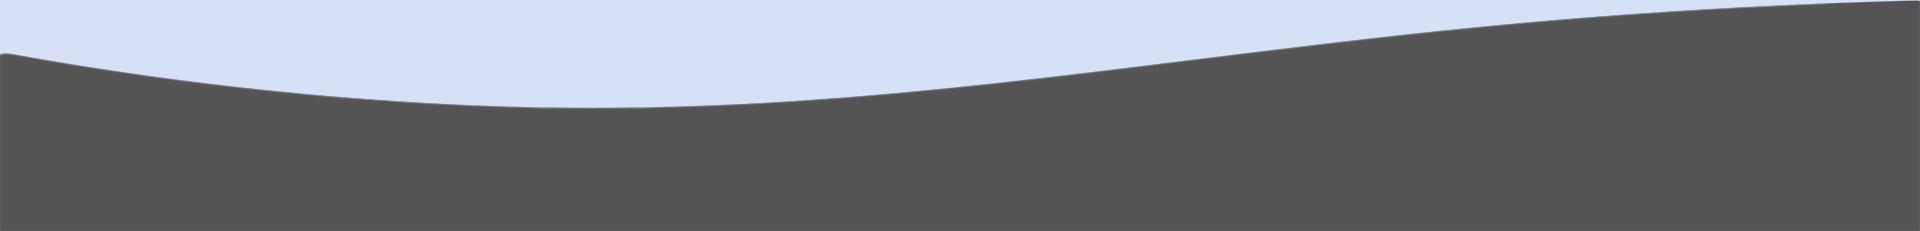 Belfort divider nasledstvo blue grey